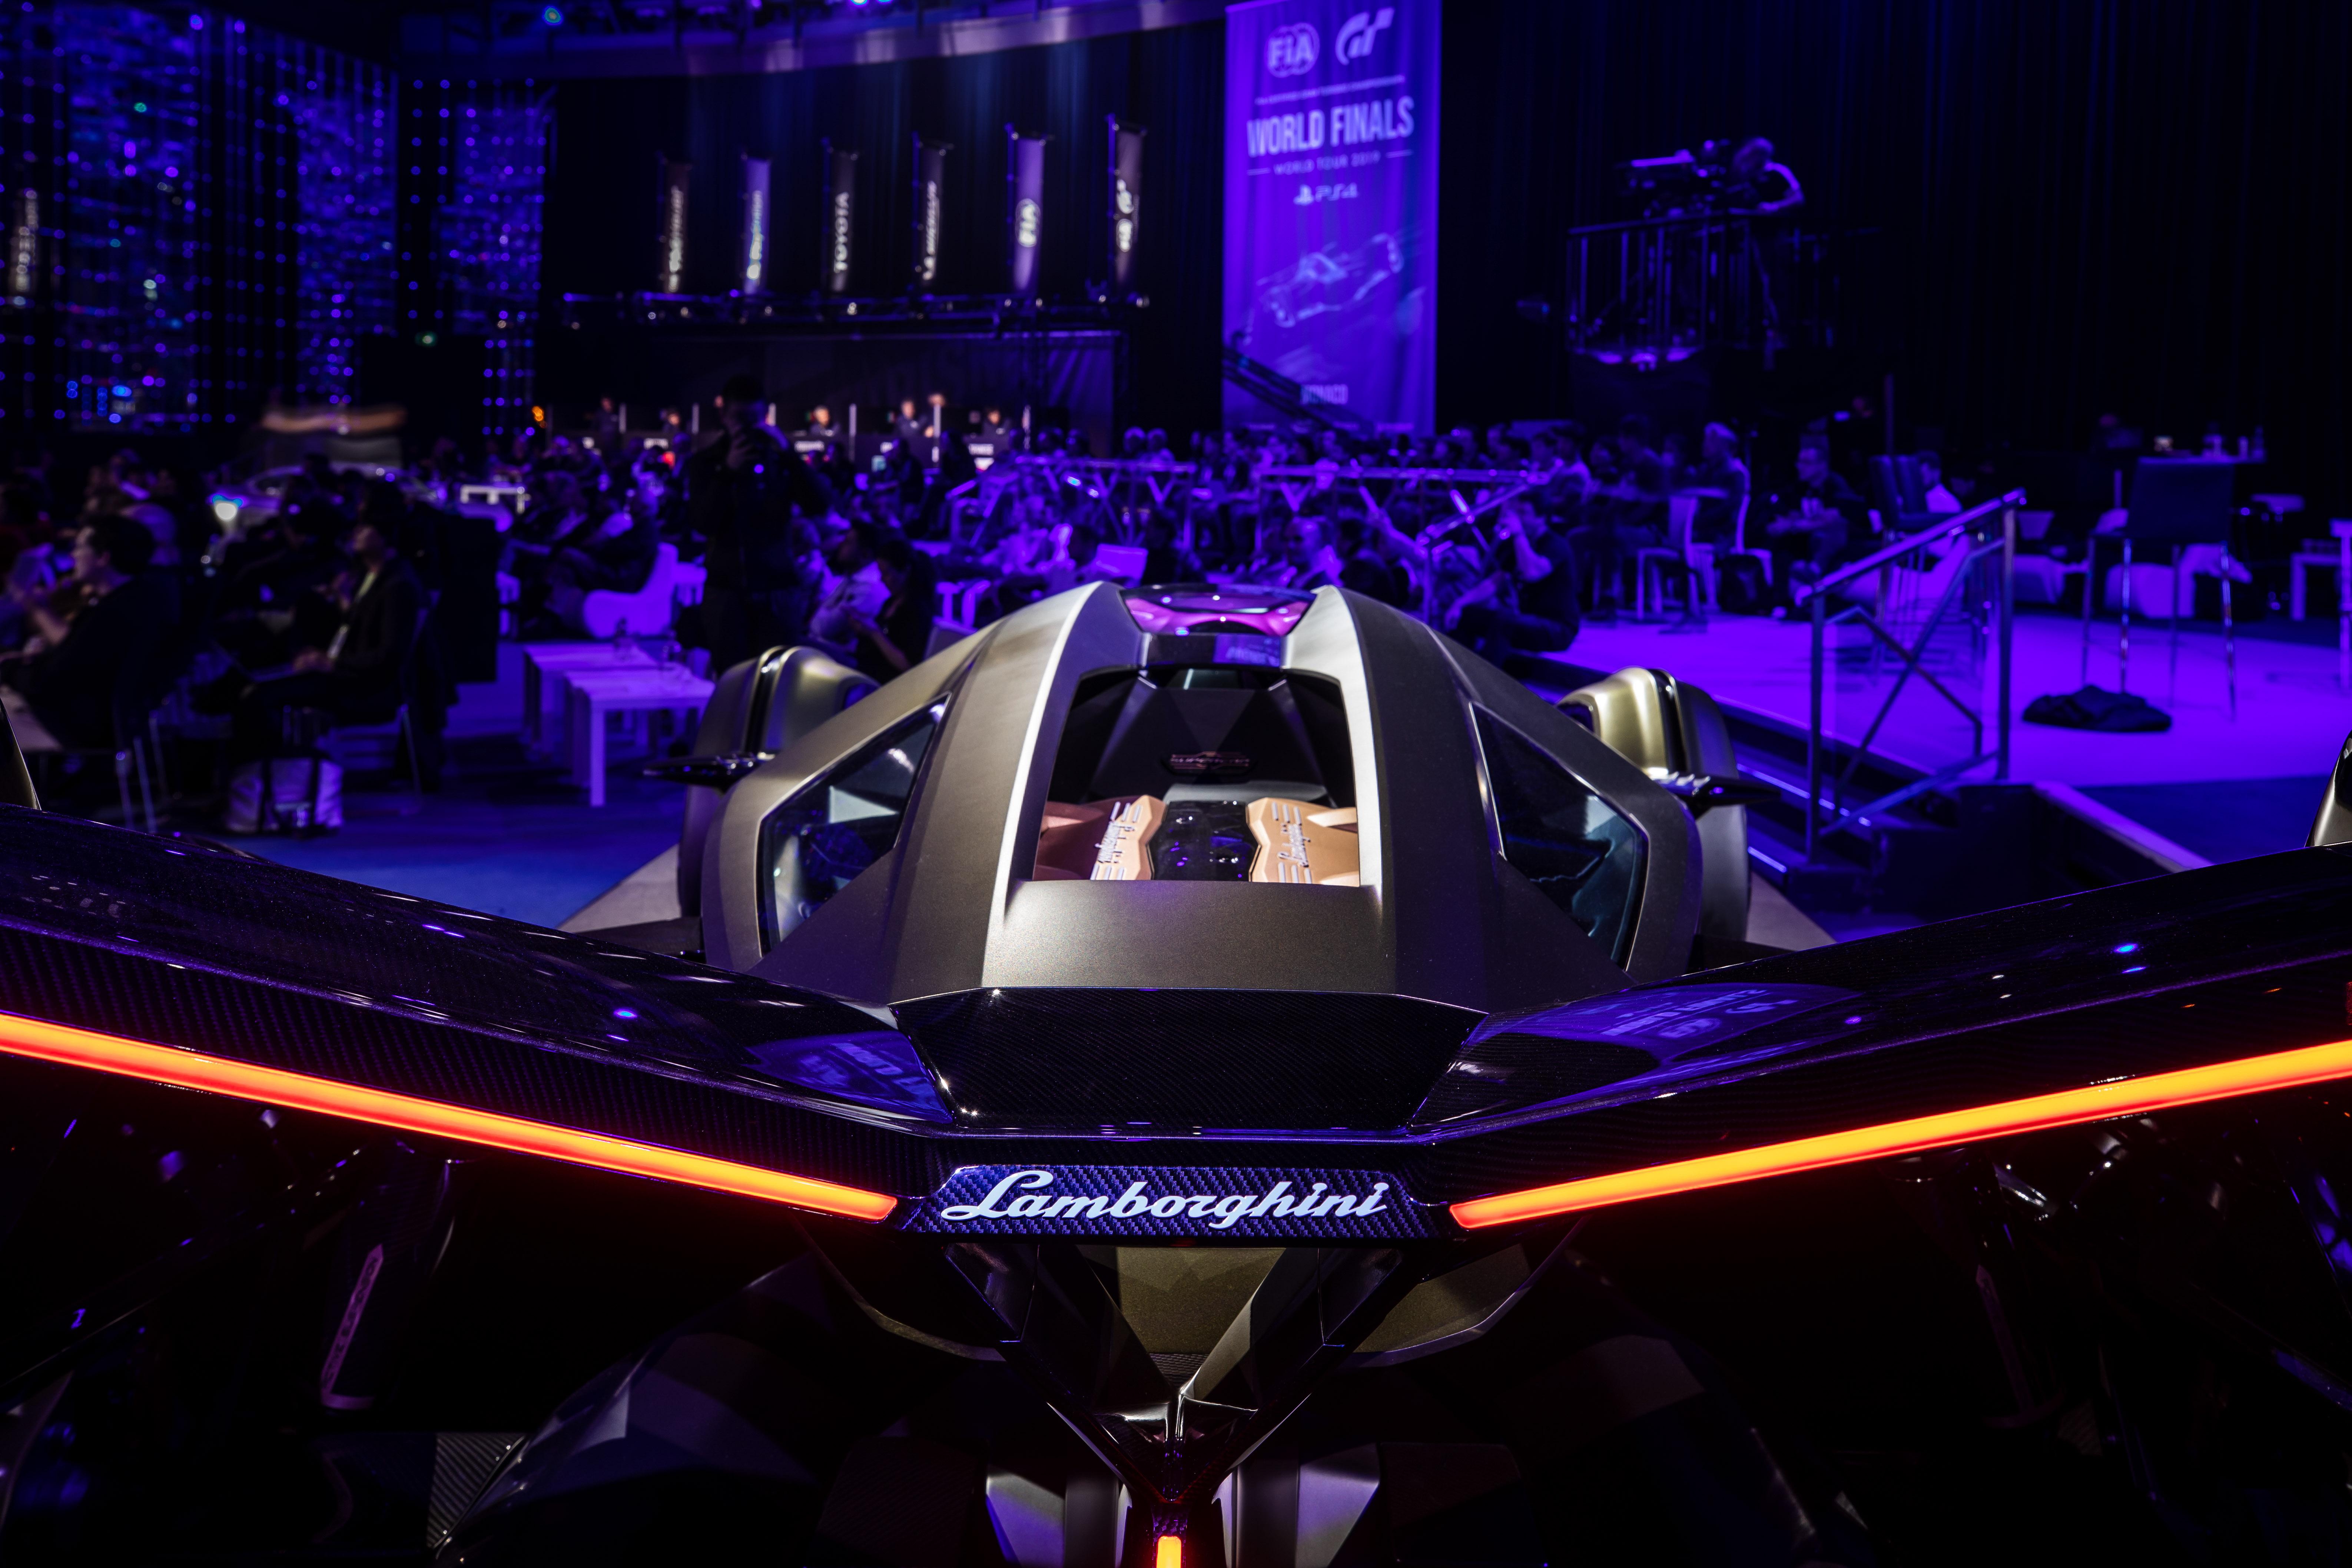 Lamborghini Lambo V12 Vision Gran Turismo revealed Paul ...